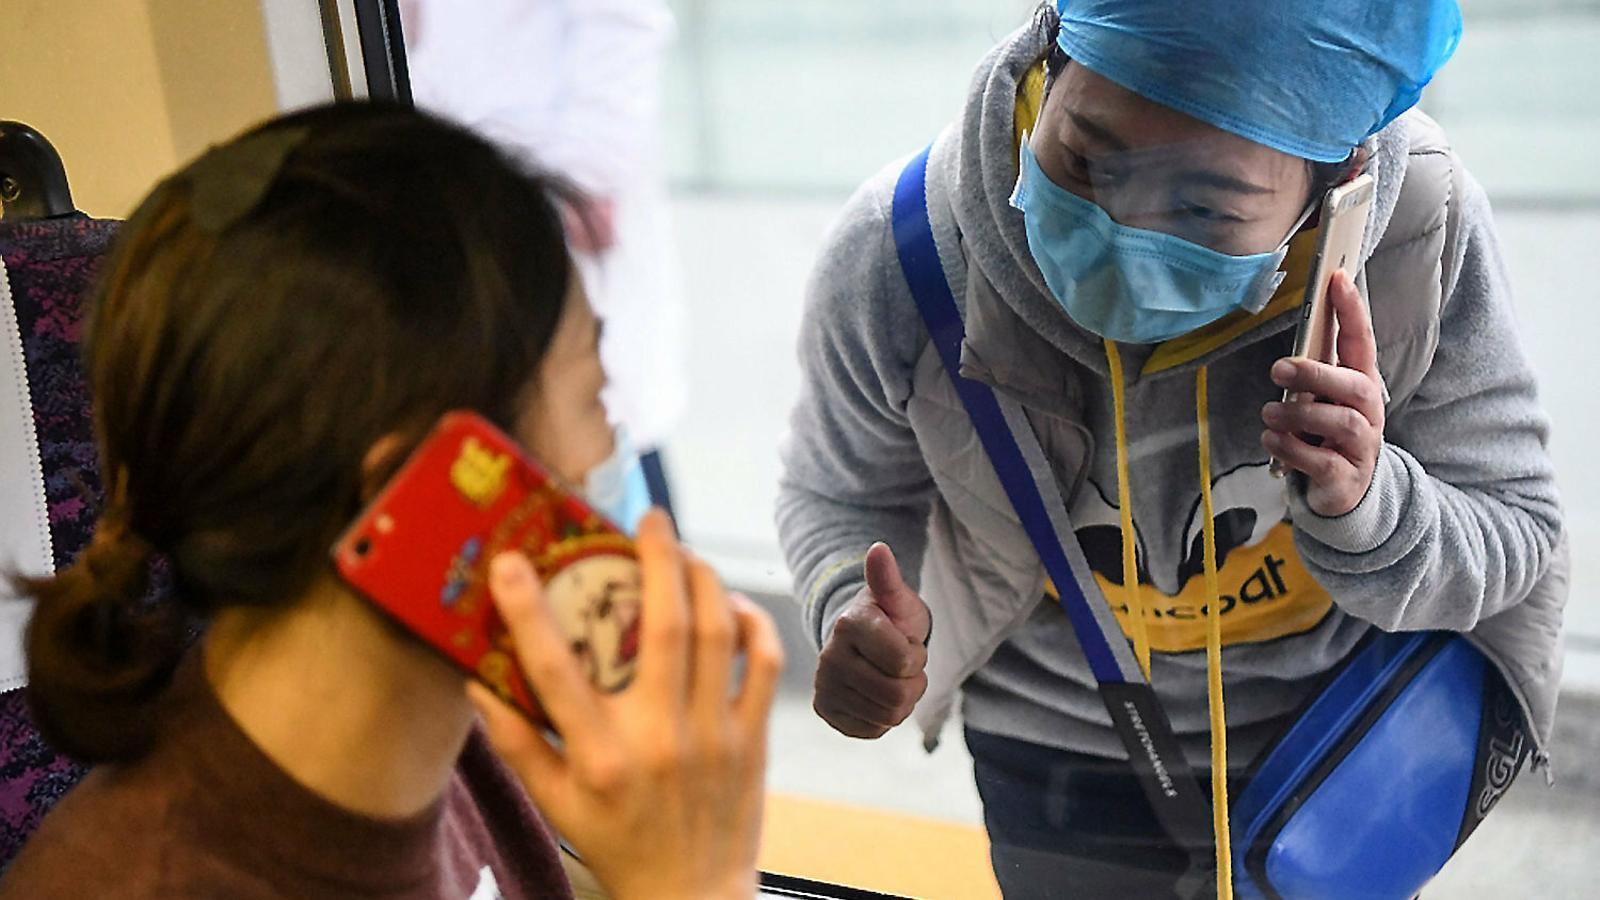 Persones amb protecció contra el virus fent cua per comprar en una farmàcia.